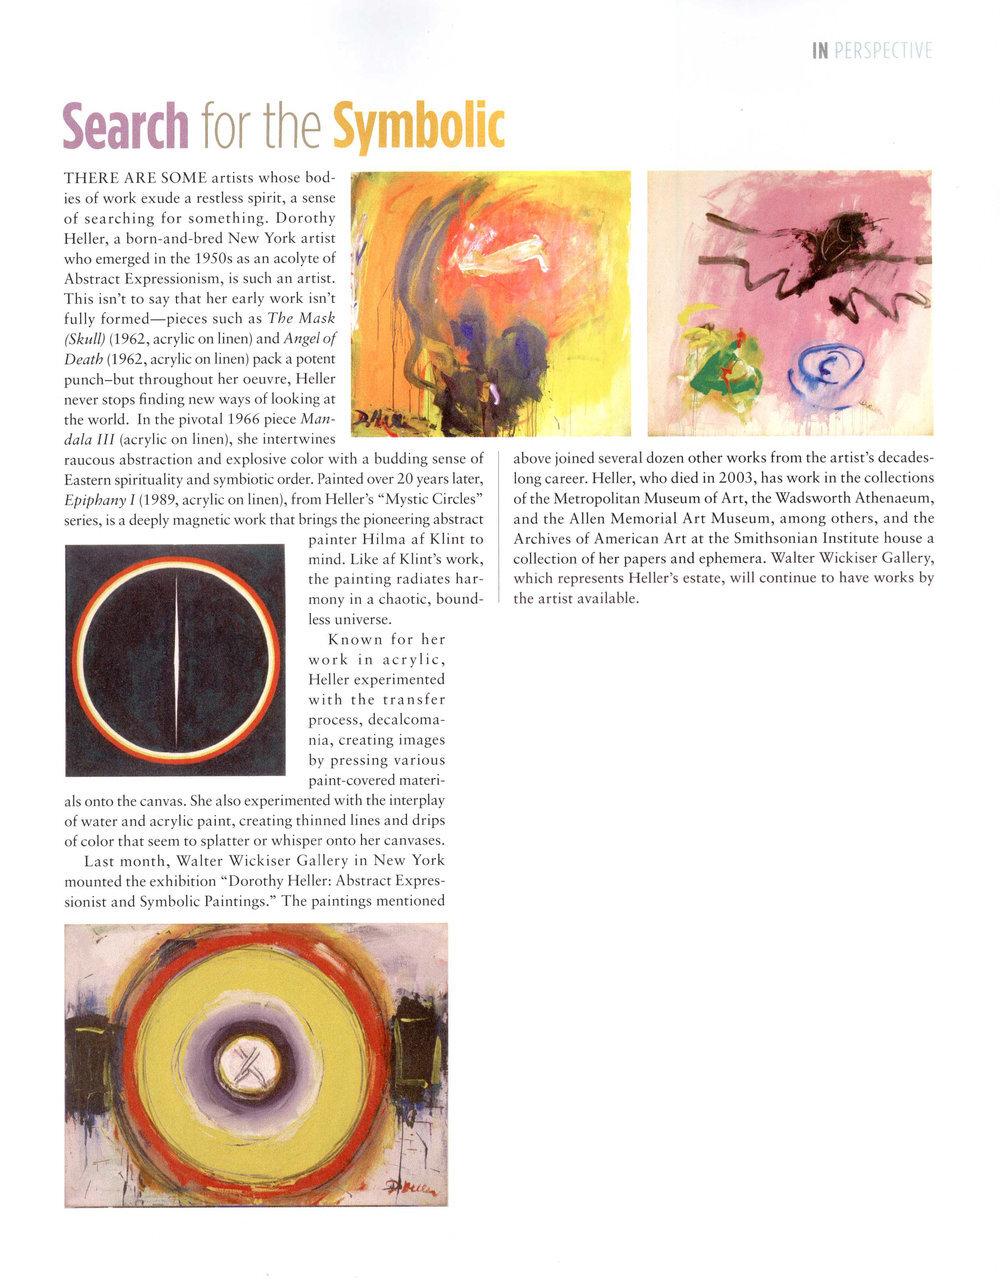 """From left to right:   Dorothy Heller,  Epiphany II , 1989, Acrylic on Linen, 17"""" x 16""""    Dorothy Heller,  Mandala III , 1966, Acrylic on Linen, 28"""" x 38""""    Dorothy Heller,  The Mask (Skull) , 1962, Acrylic on Linen, 50"""" x 54""""    Dorothy Heller,  Angel of Death , 1962, Acrylic on Linen, 51"""" x 55"""""""